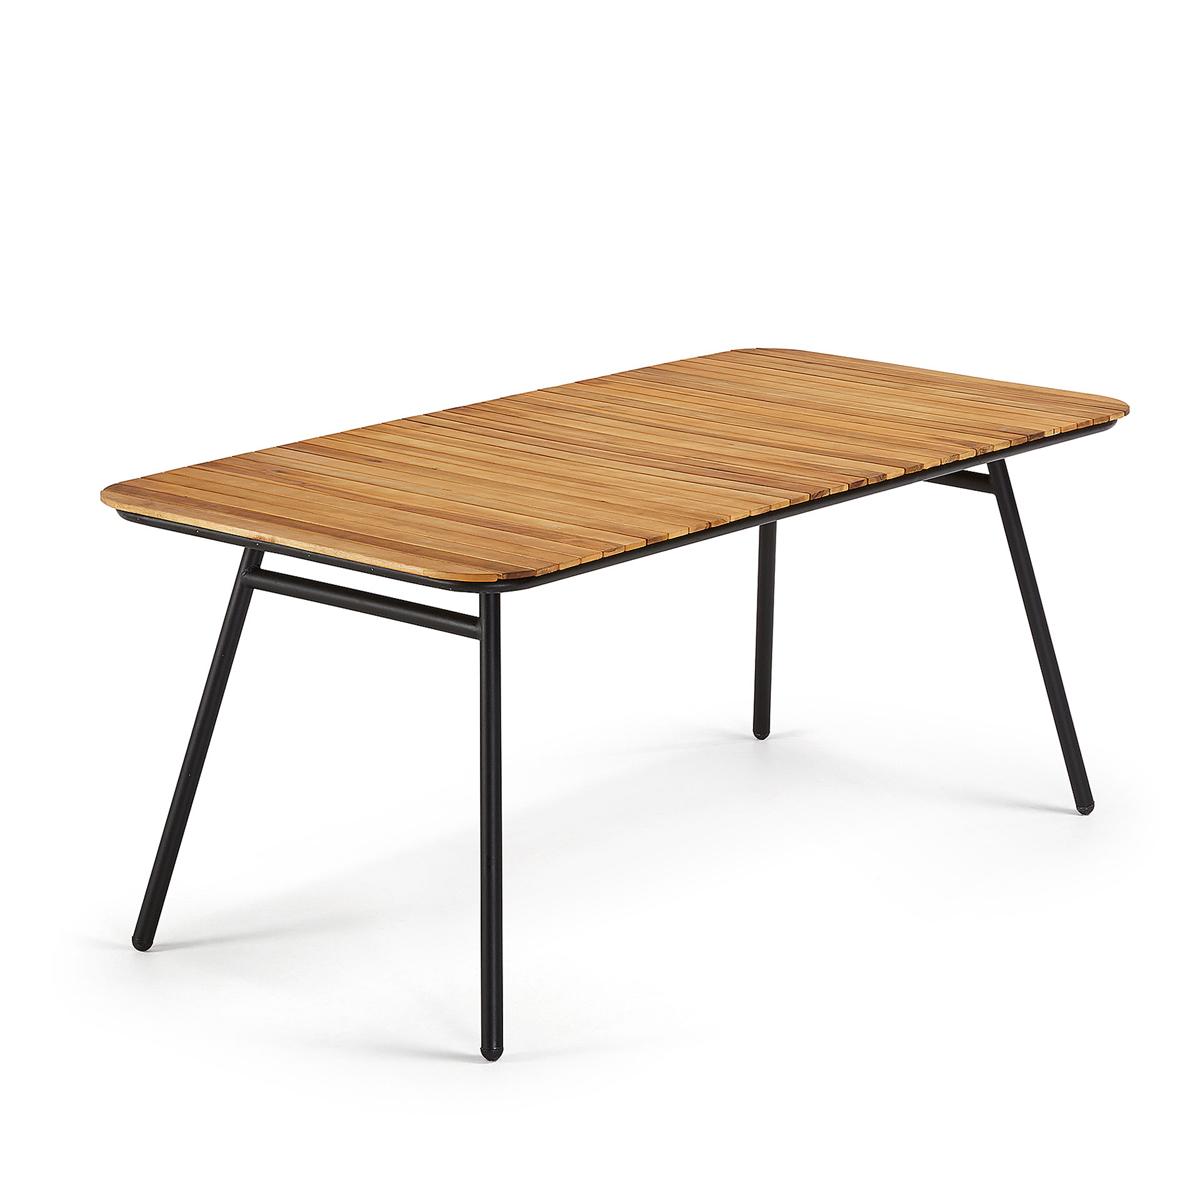 Table en acacia et acier noir - Bois/Noir - H 75 x 180 cm